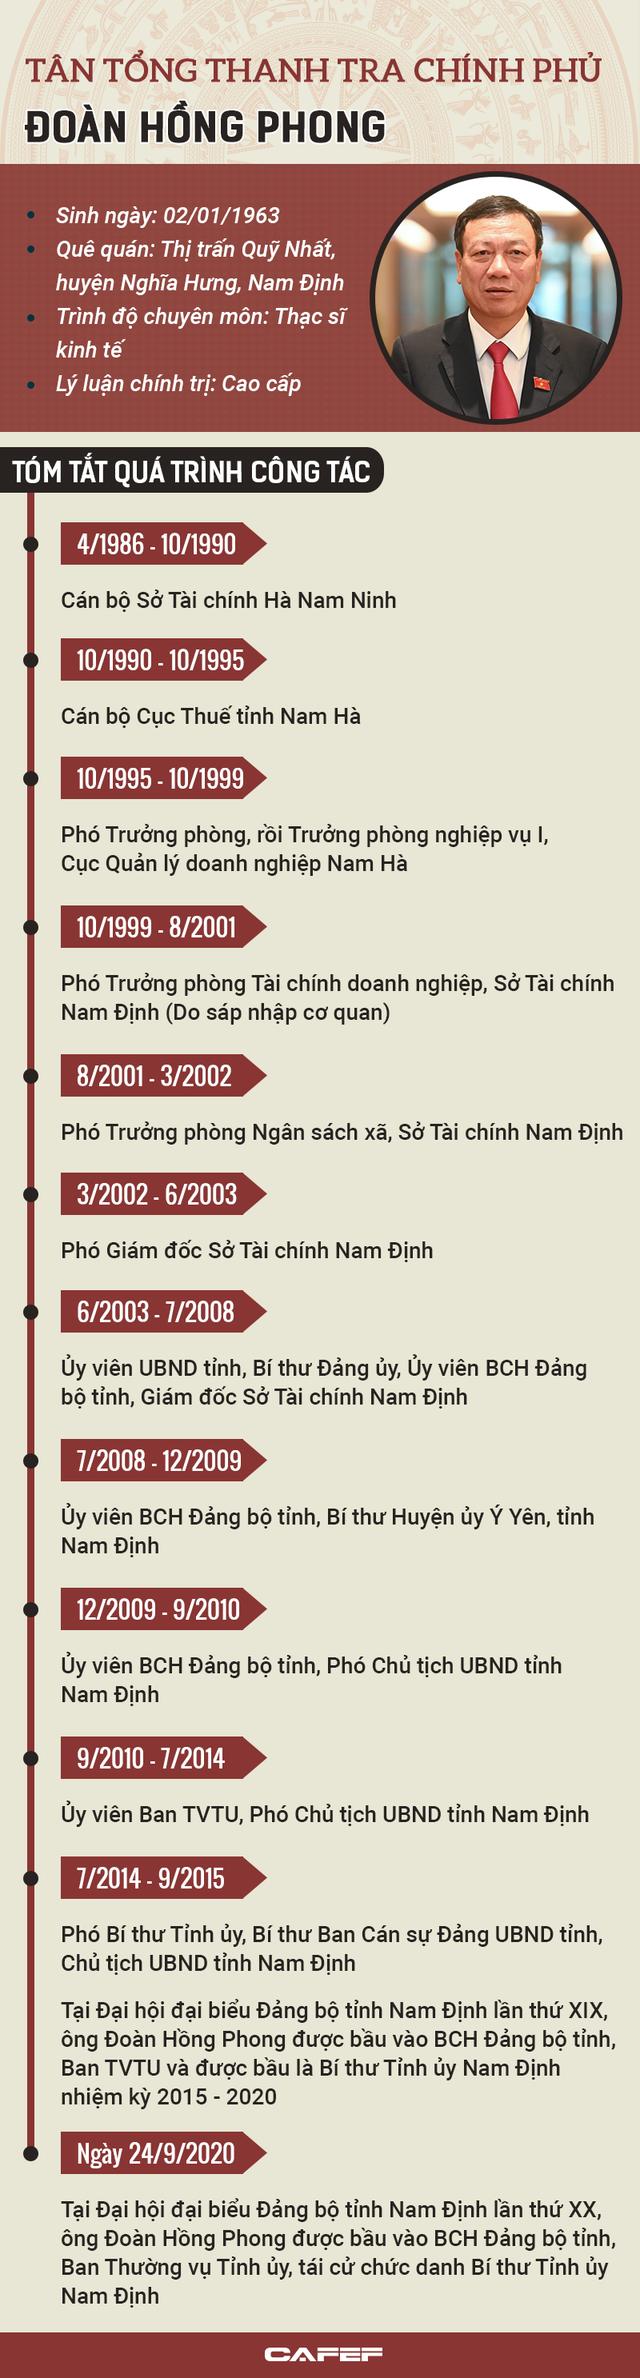 Infographic: Sự nghiệp Tổng thanh tra Chính phủ Đoàn Hồng Phong - Ảnh 1.